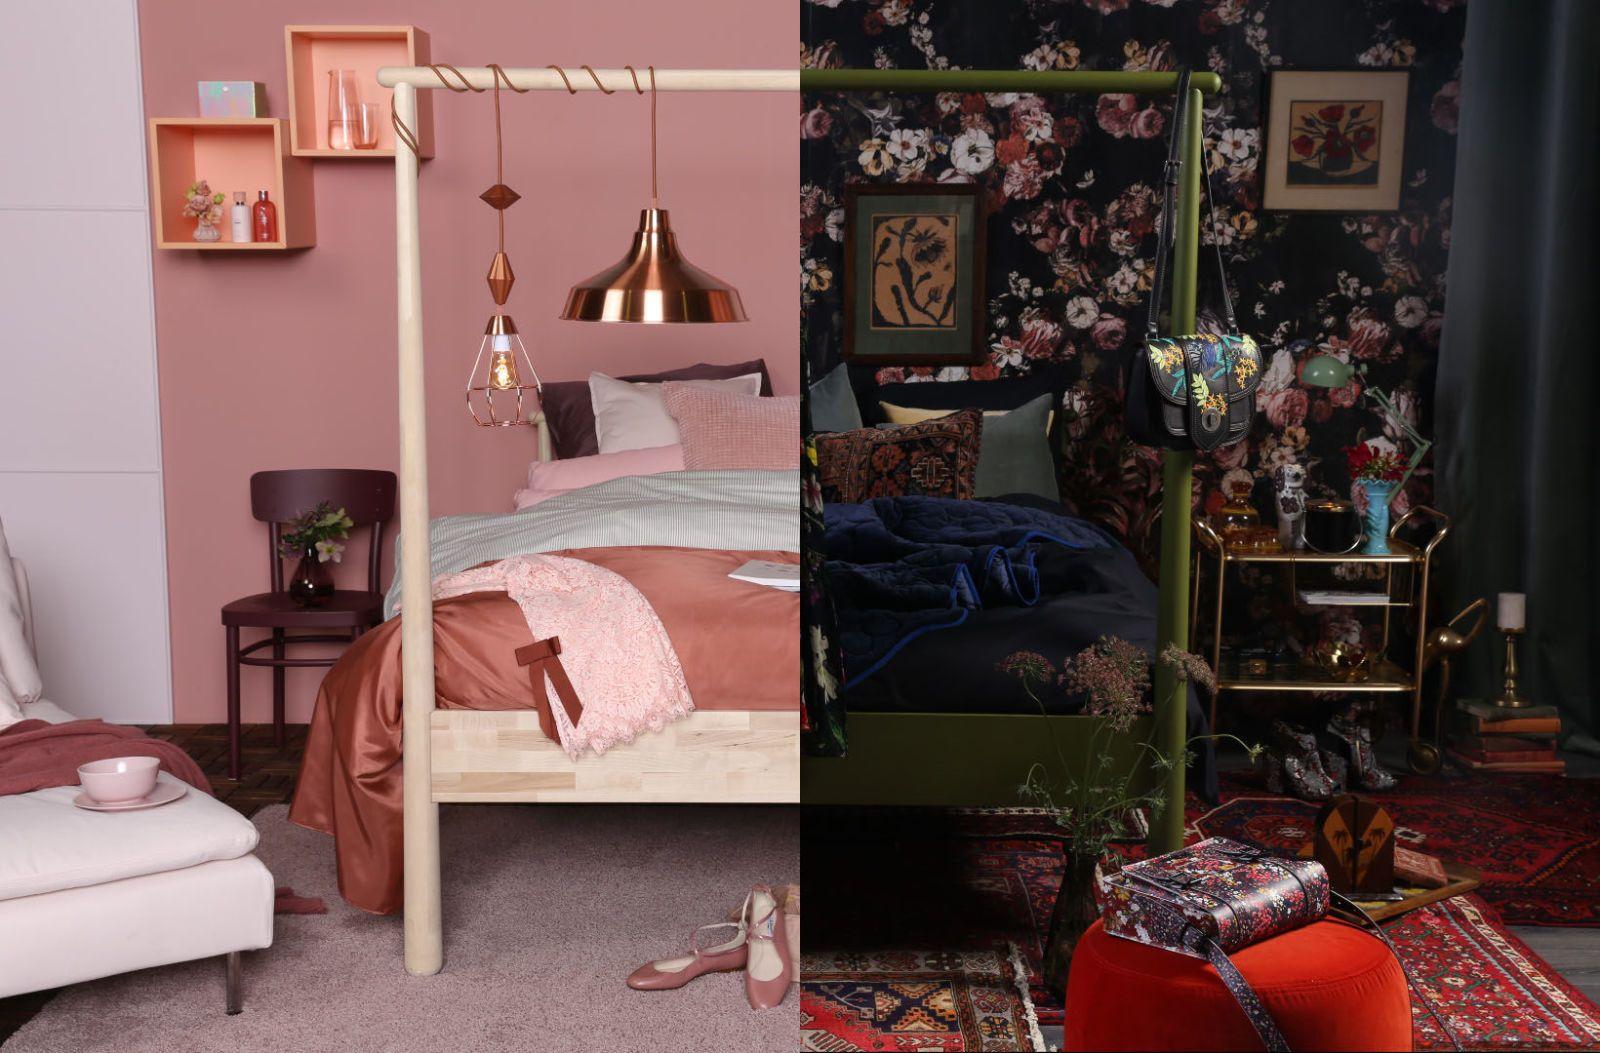 Slaapkamer Ideeen Romantisch : Slaapkamer ideeën romantisch pumpink slaapkamer muur kleur